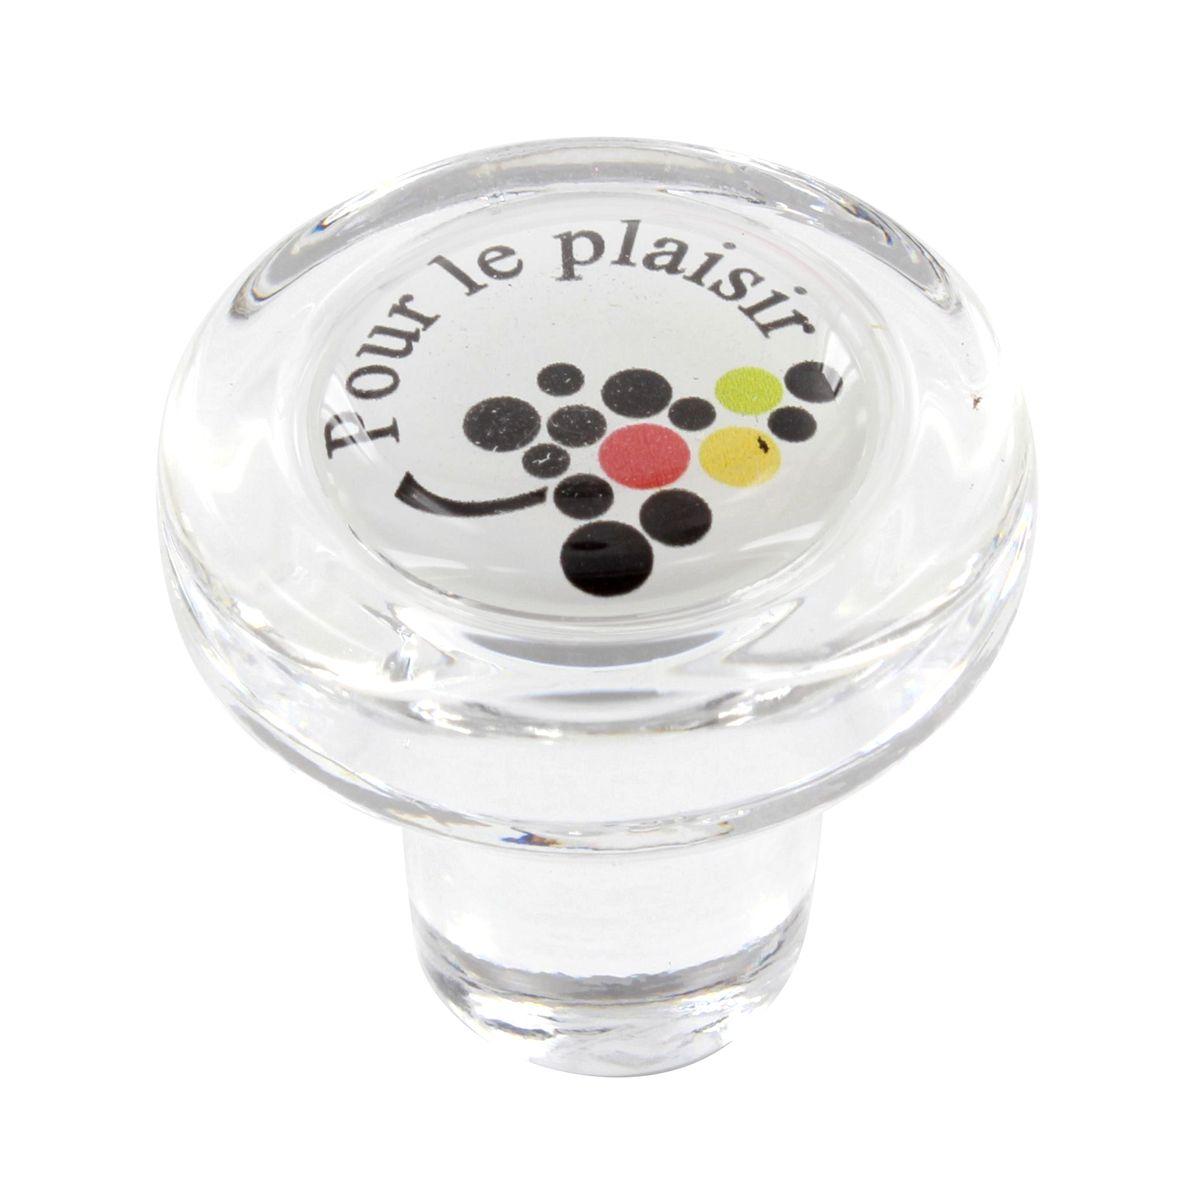 Bouchon en verre pour le plaisir - Cevenpack